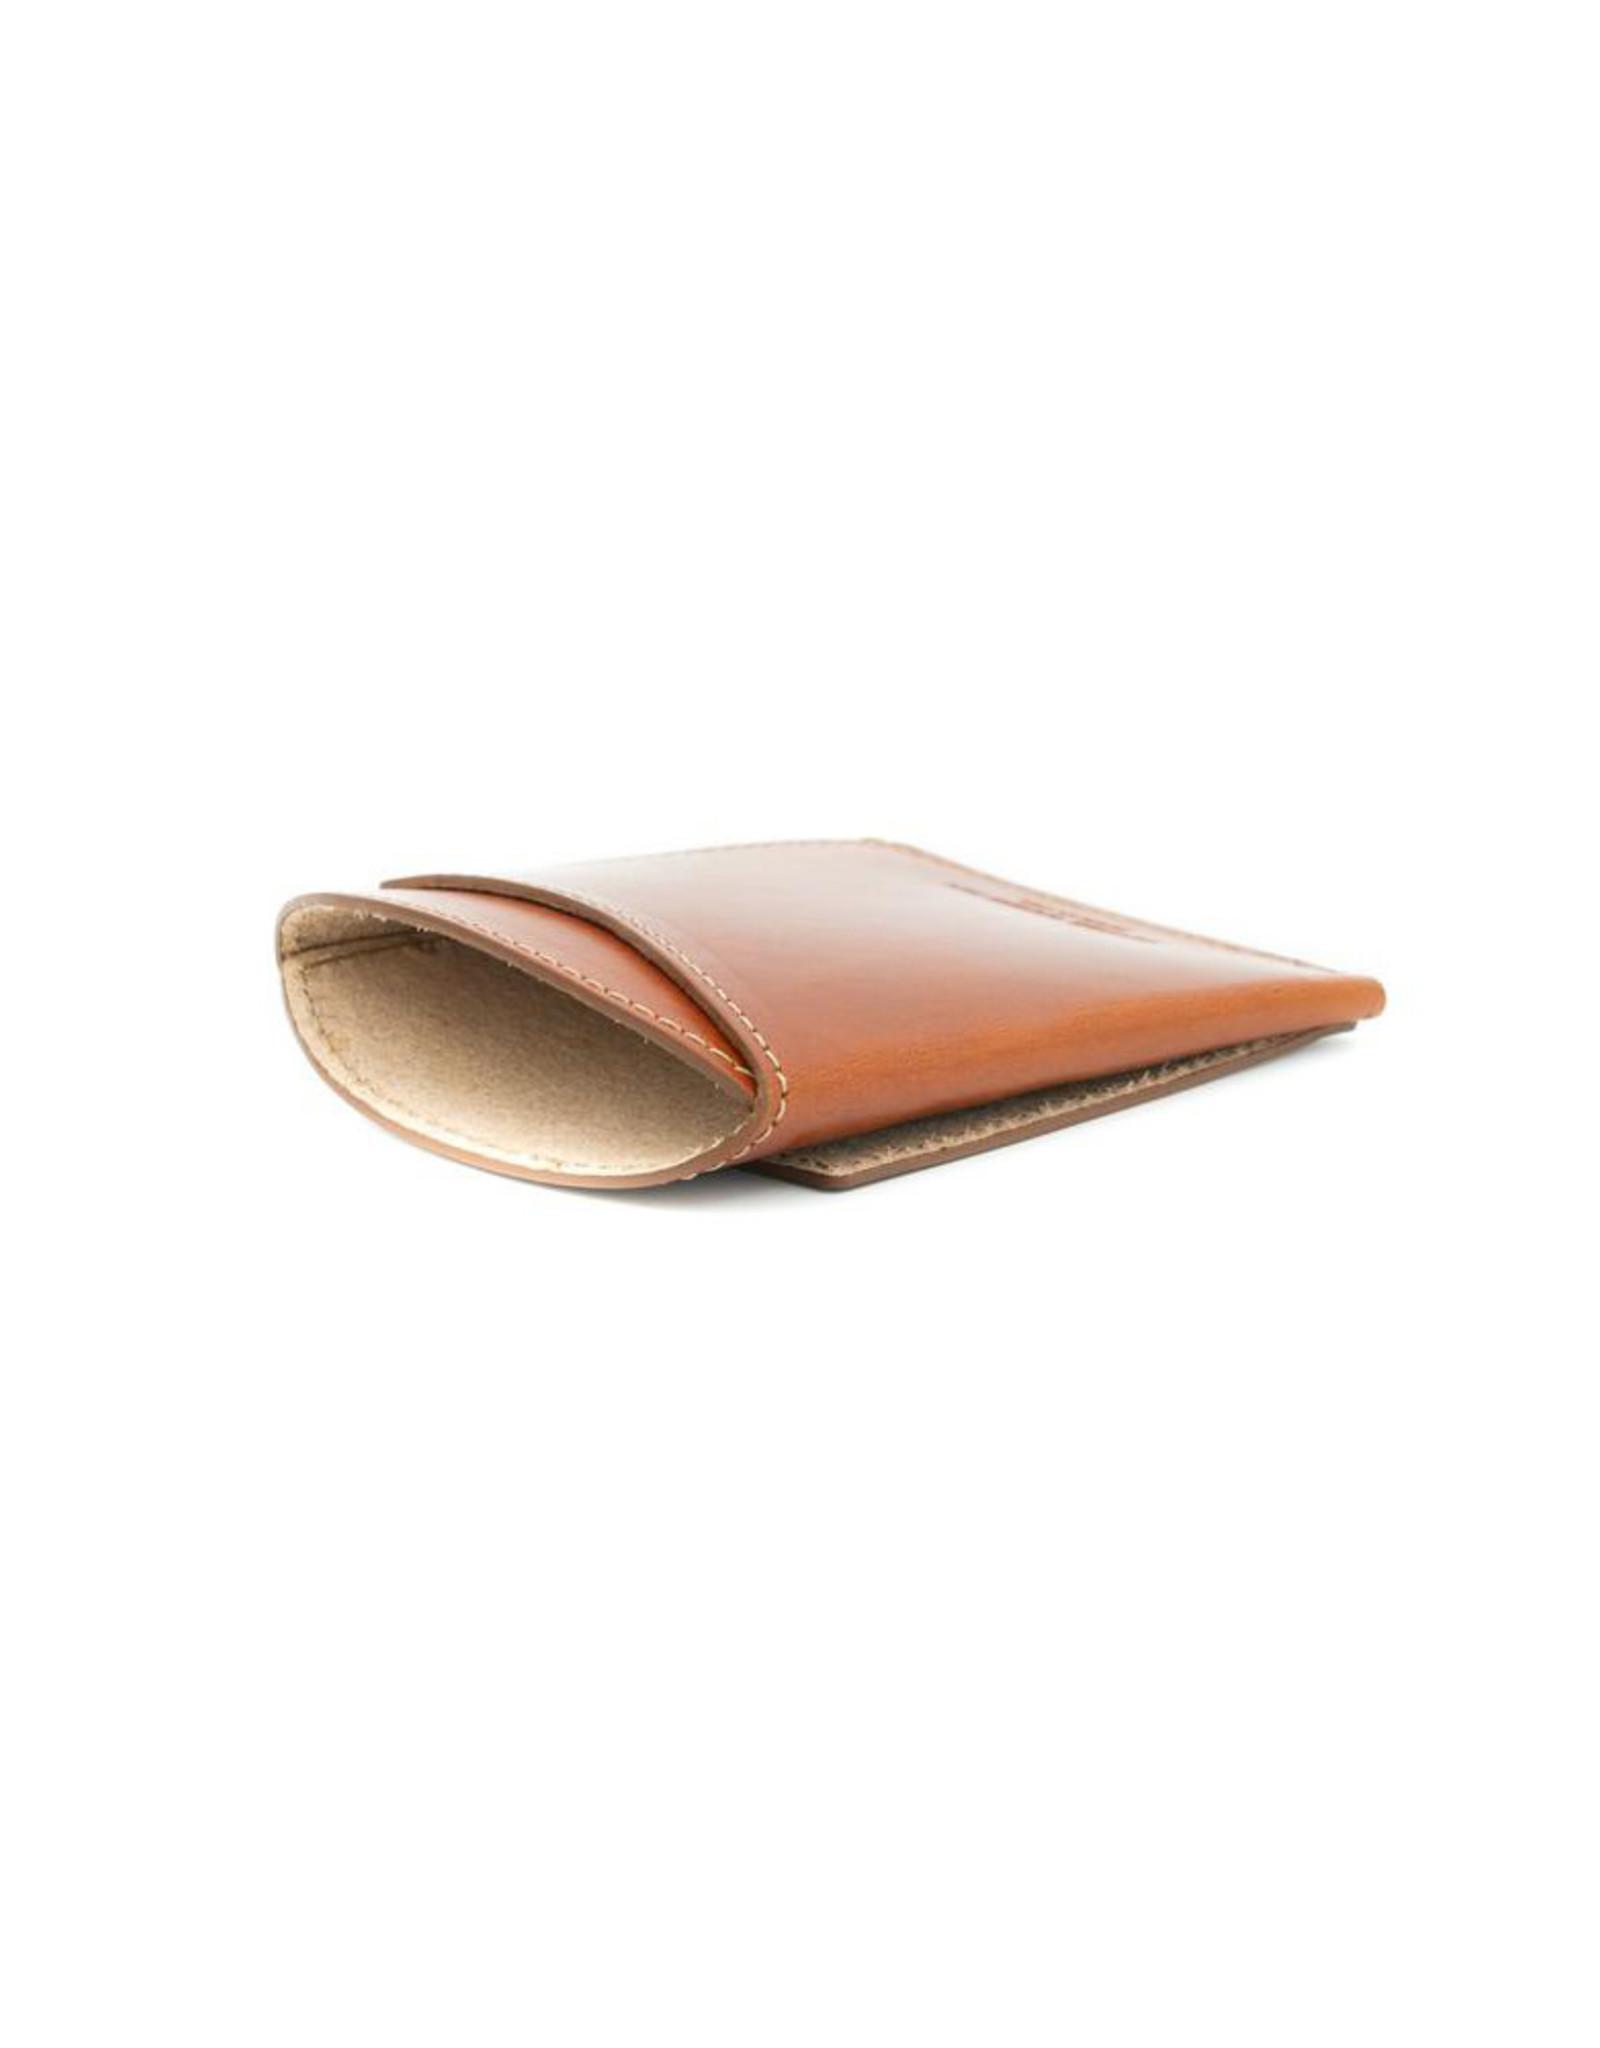 Leather Works Minnesota Font Pocket Flap Wallet Chestnut